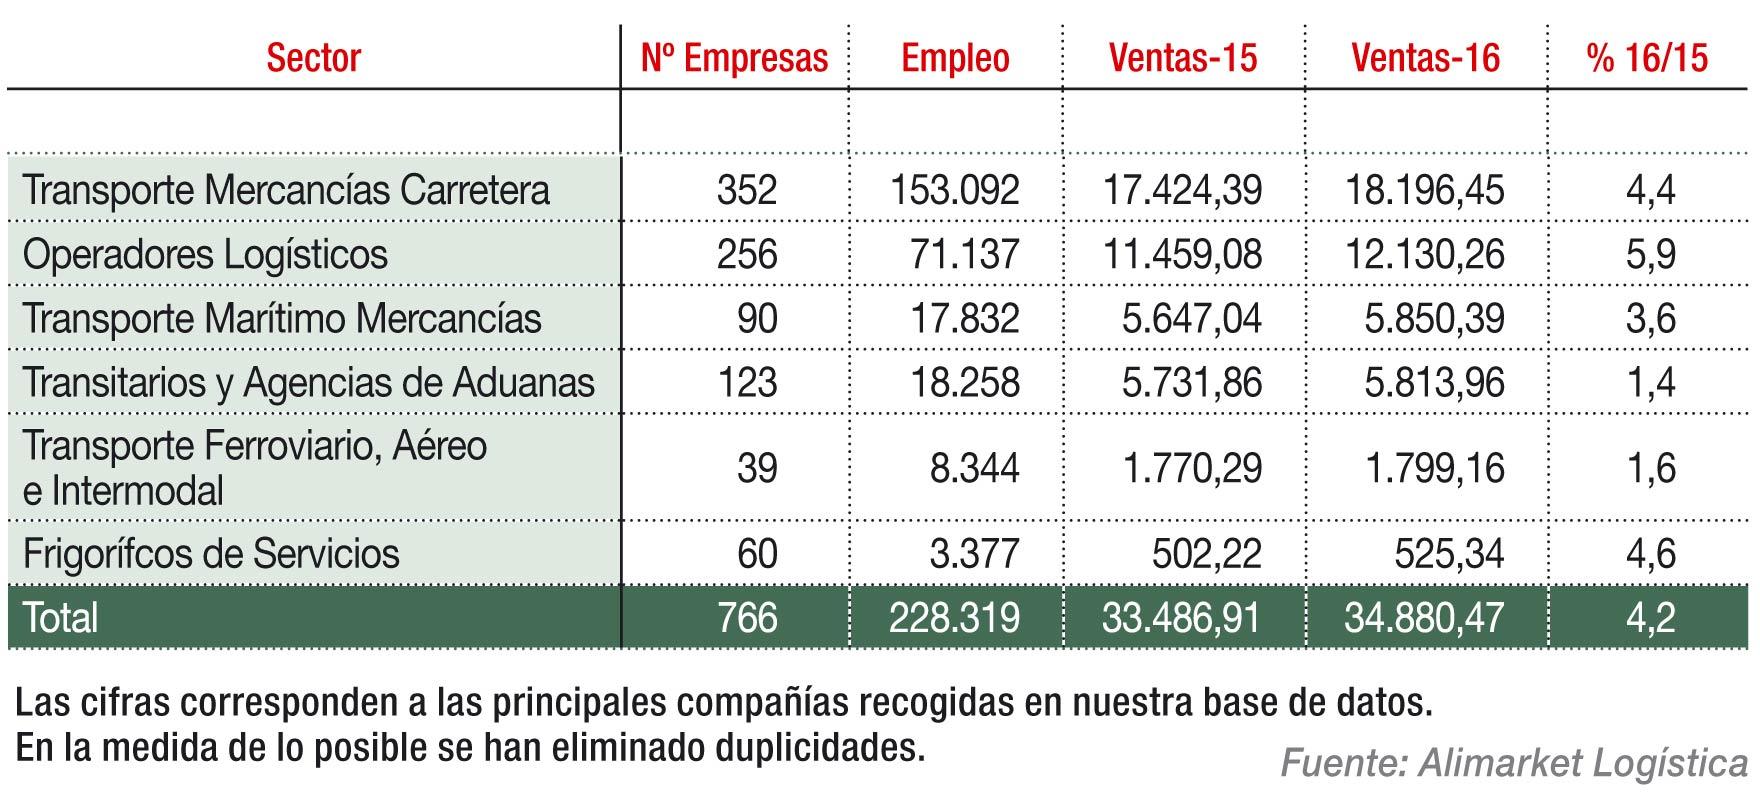 Principales magnitudes de los sectores de Transporte y Logística en 2016 (M€)